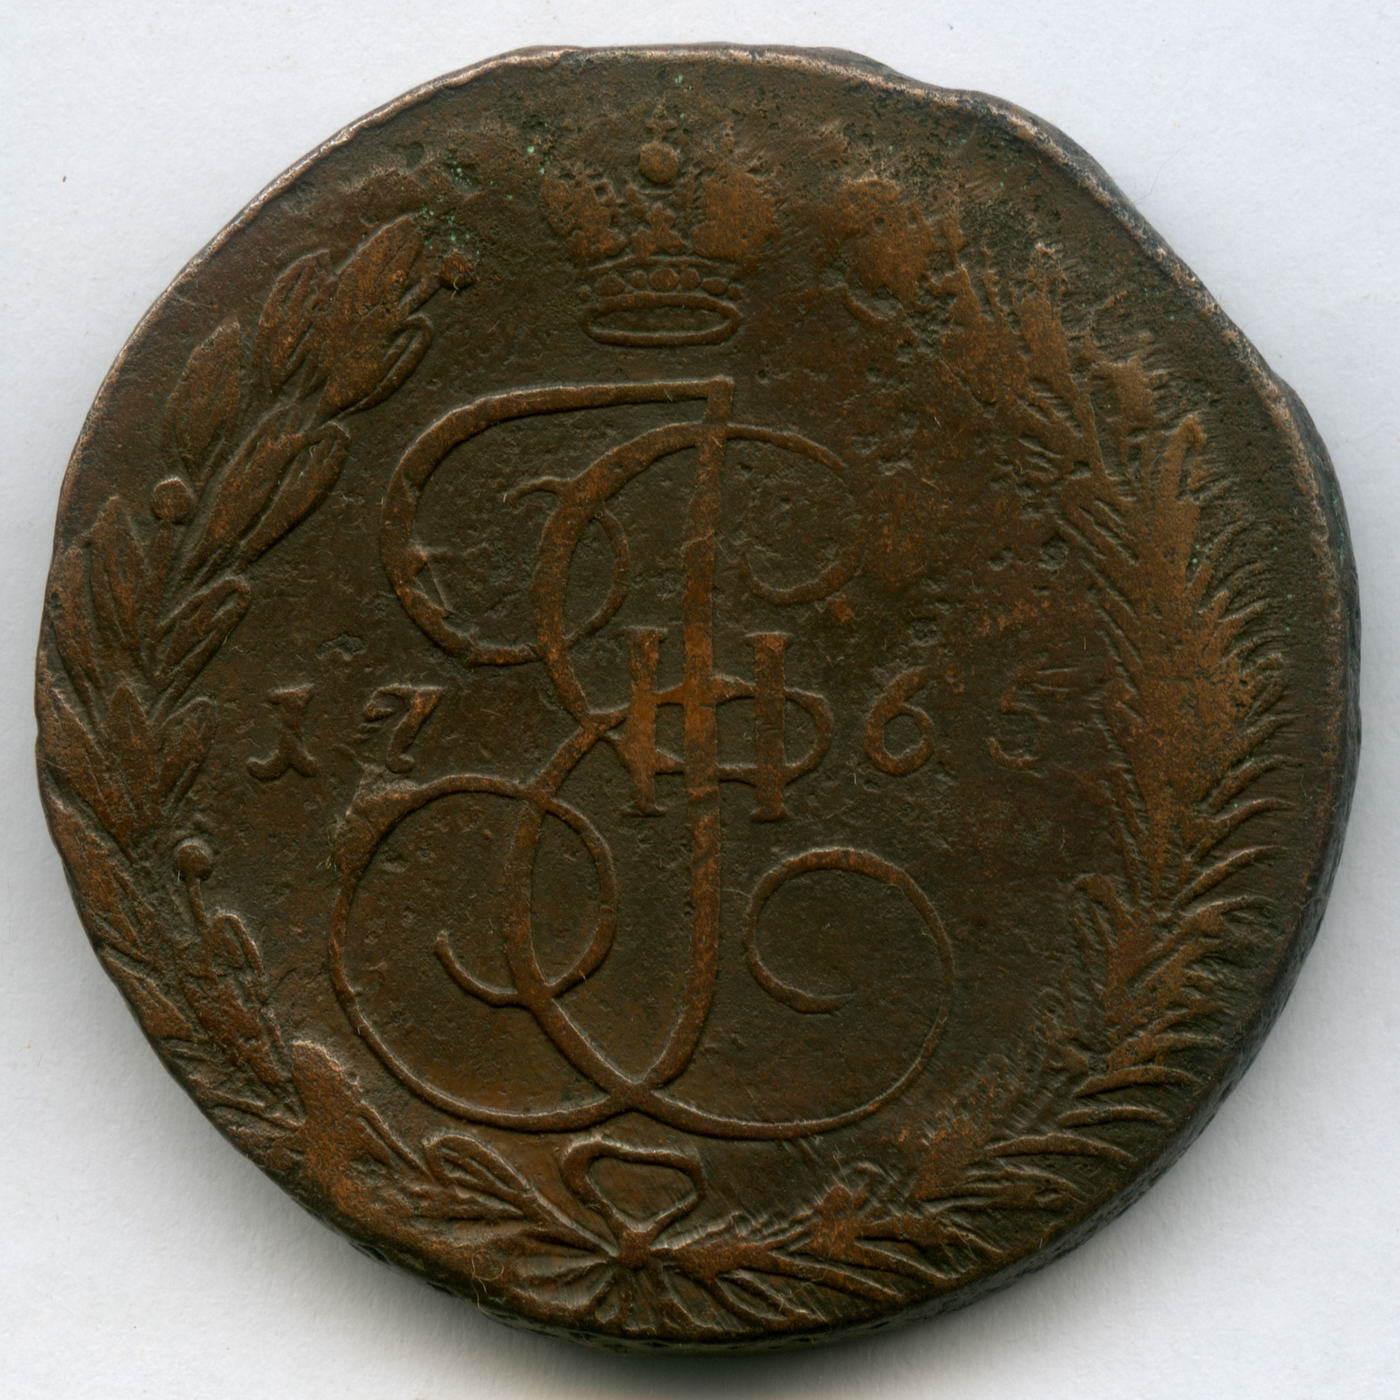 5 копеек 1765 ЕМ Екатерина II. F-VF